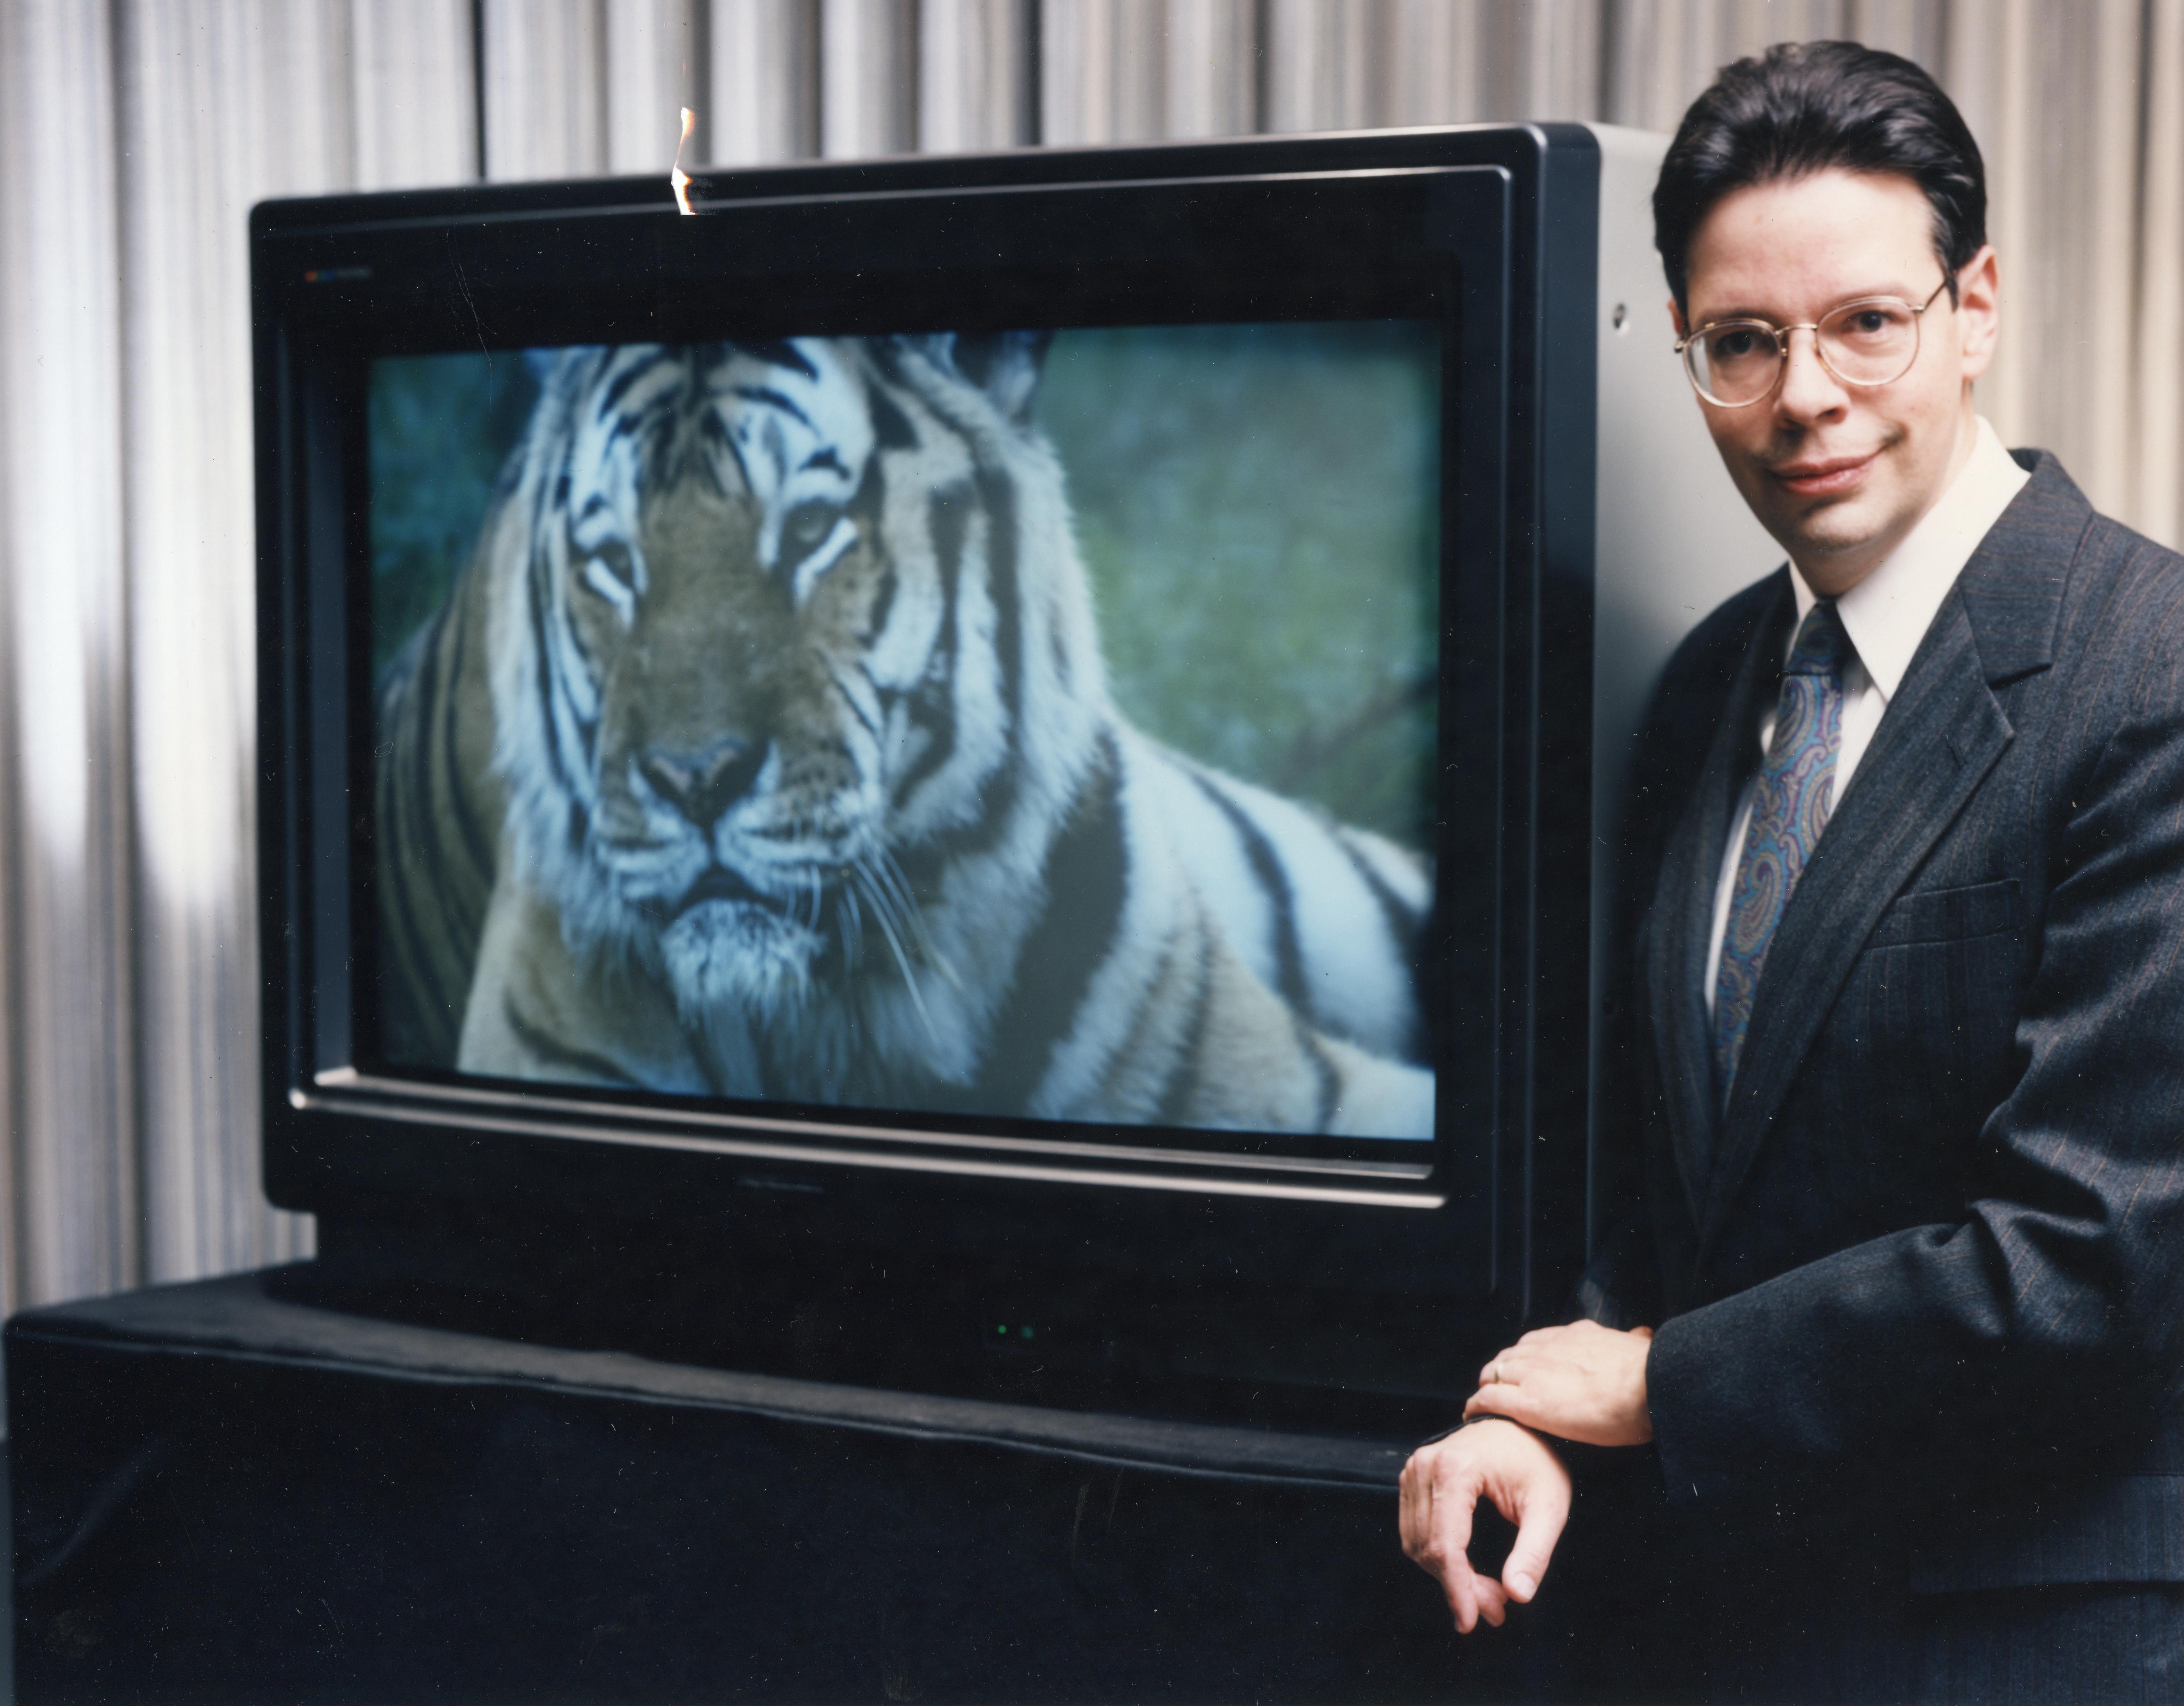 1997 HDTV standard